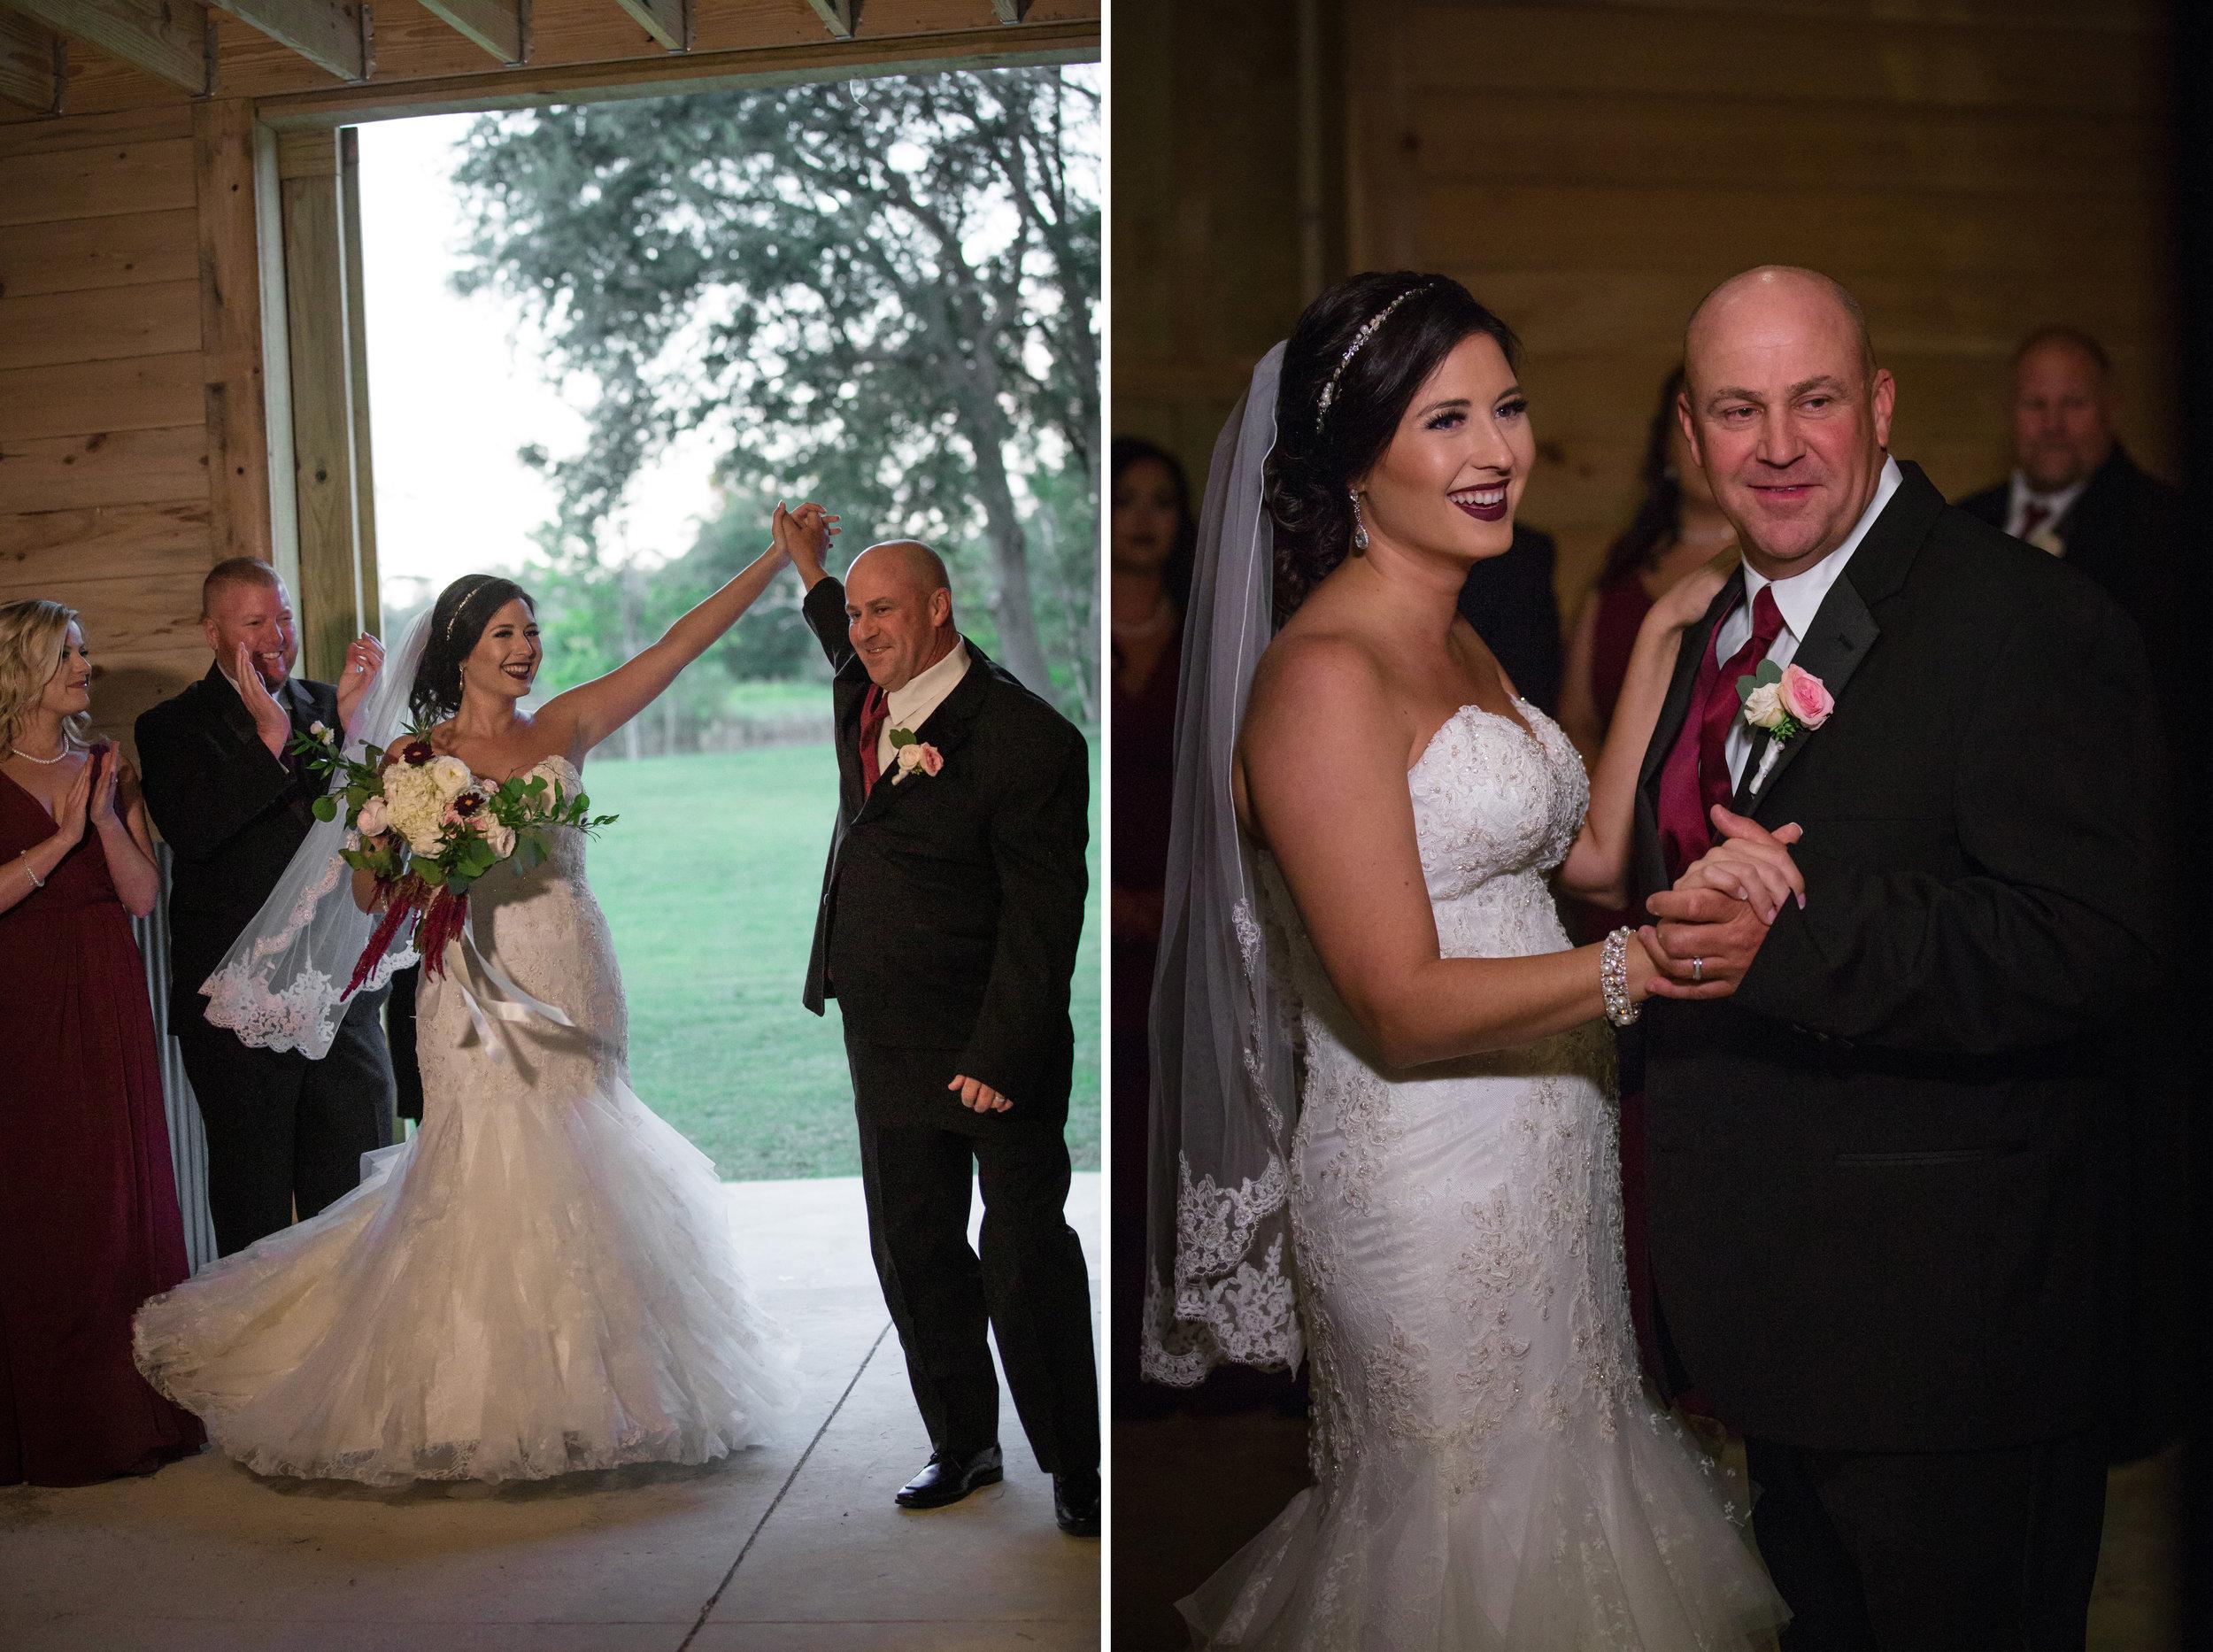 Barn-Wedding-Ates-Ranch-Wedding-Photo-Photography-Video-Videography-Pensacola-Florida-Courtney-Clint-50.jpg